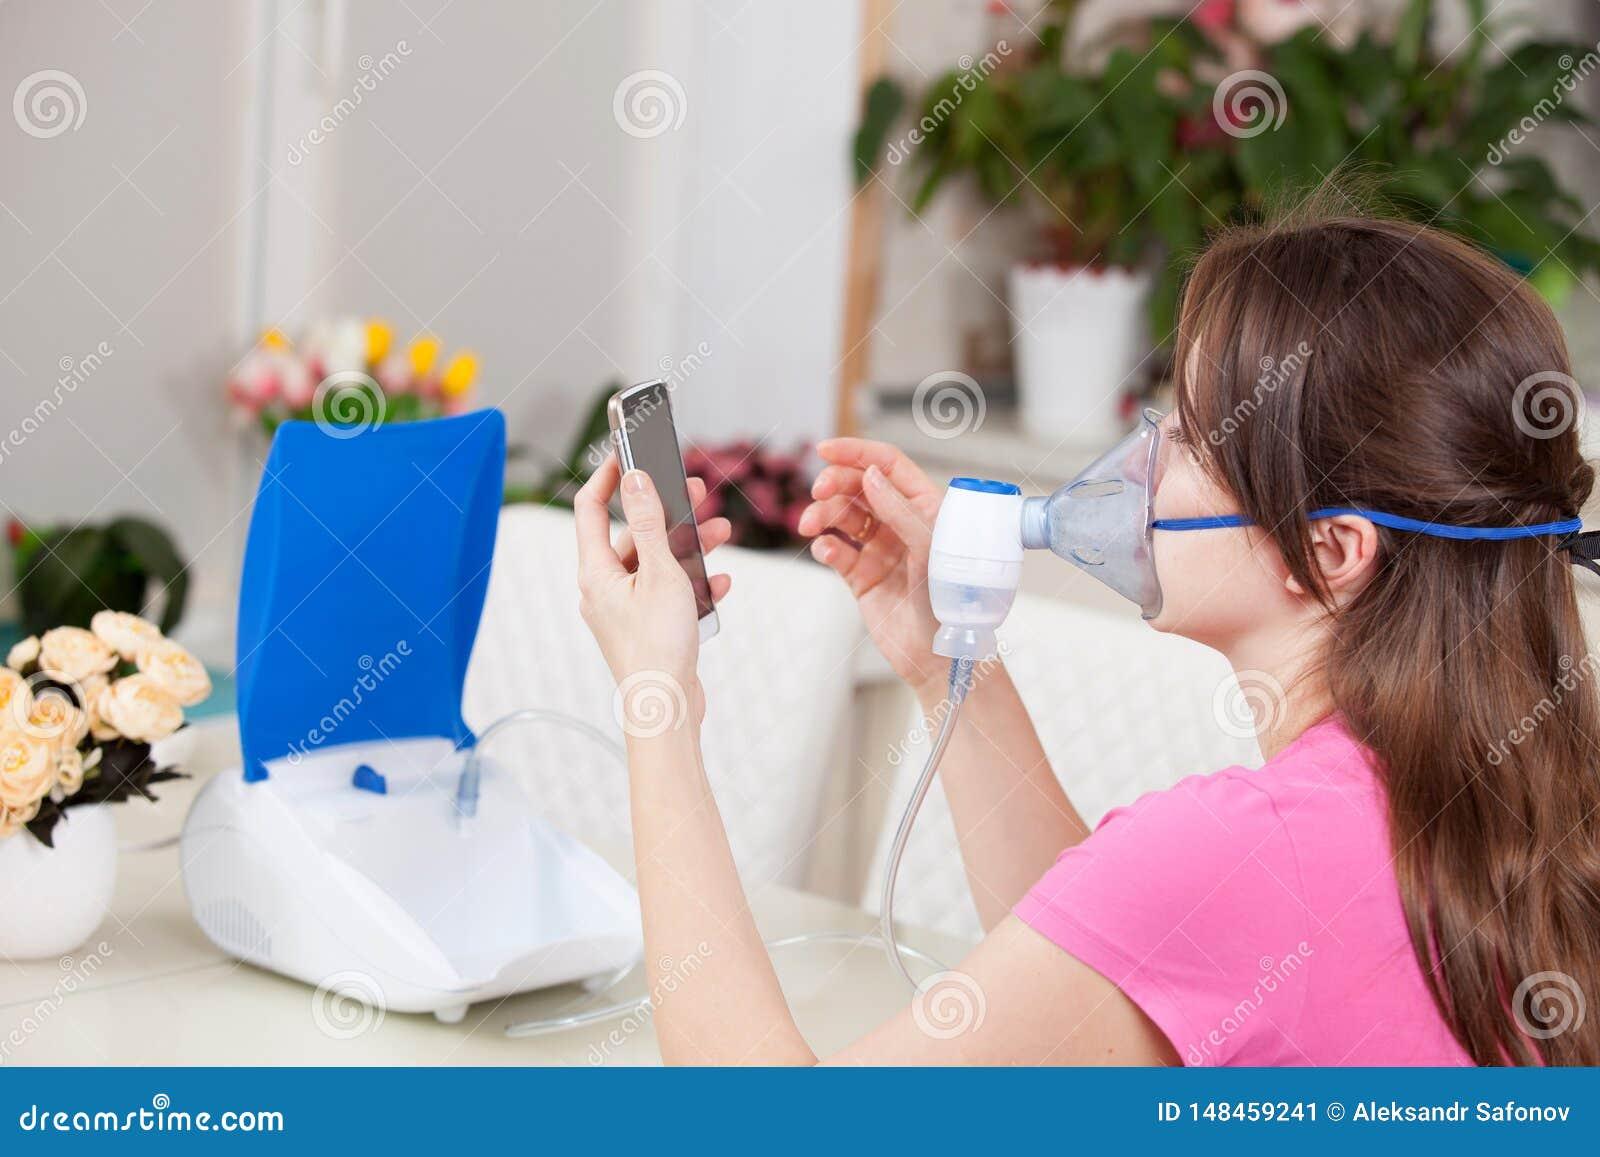 M?oda kobieta robi inhalacji z nebulizer w domu wybiera numer lekarki liczbę dla konsultacji